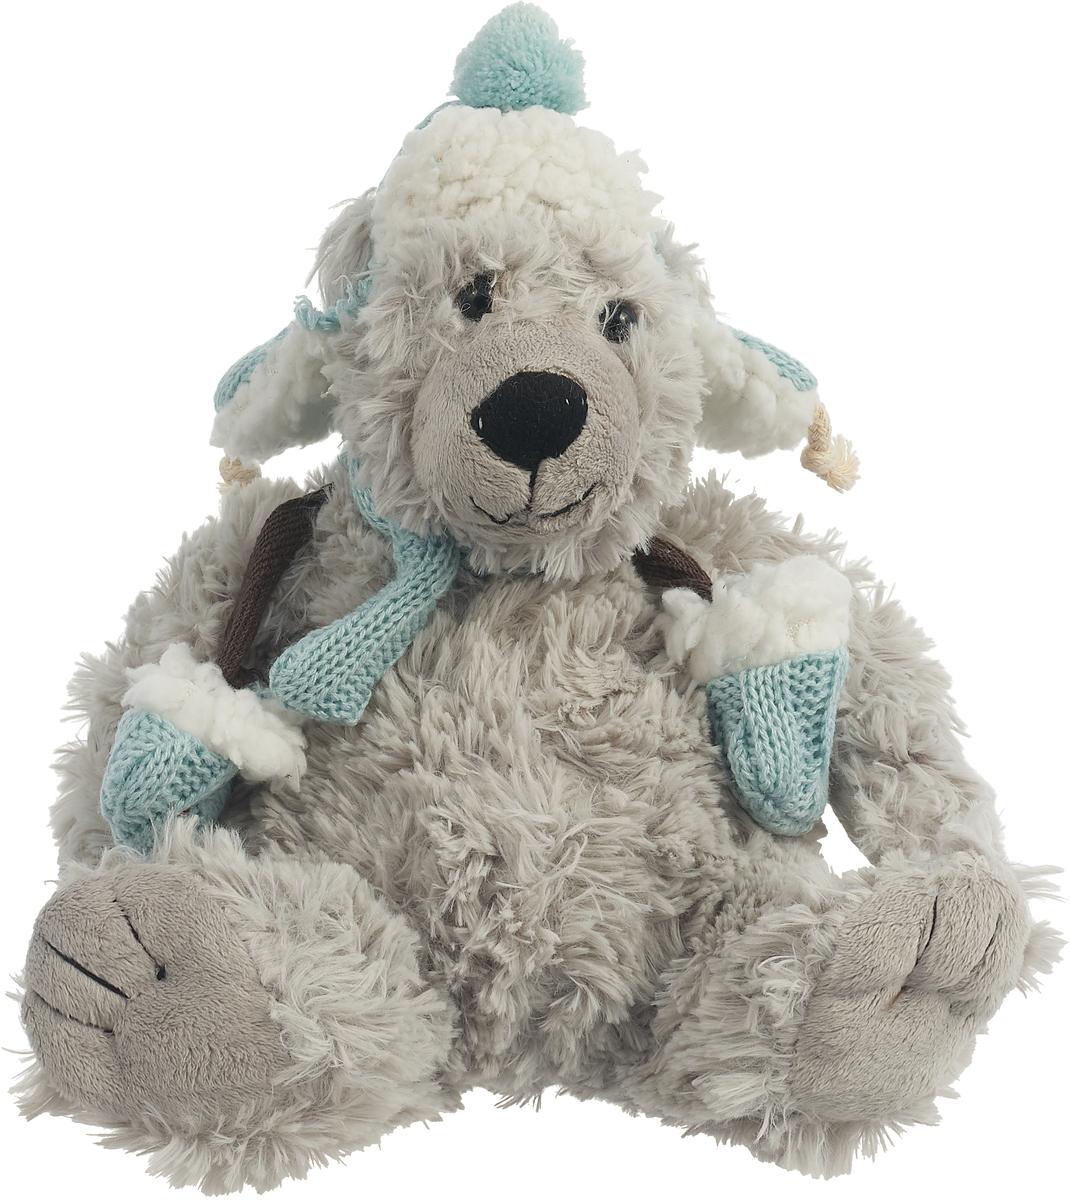 Игрушка новогодняя мягкая Mister Christmas Медвежонок, WD-DG-B2, светло-серый, голубой, высота 20 см игрушка новогодняя mister christmas игрушка новогодняя